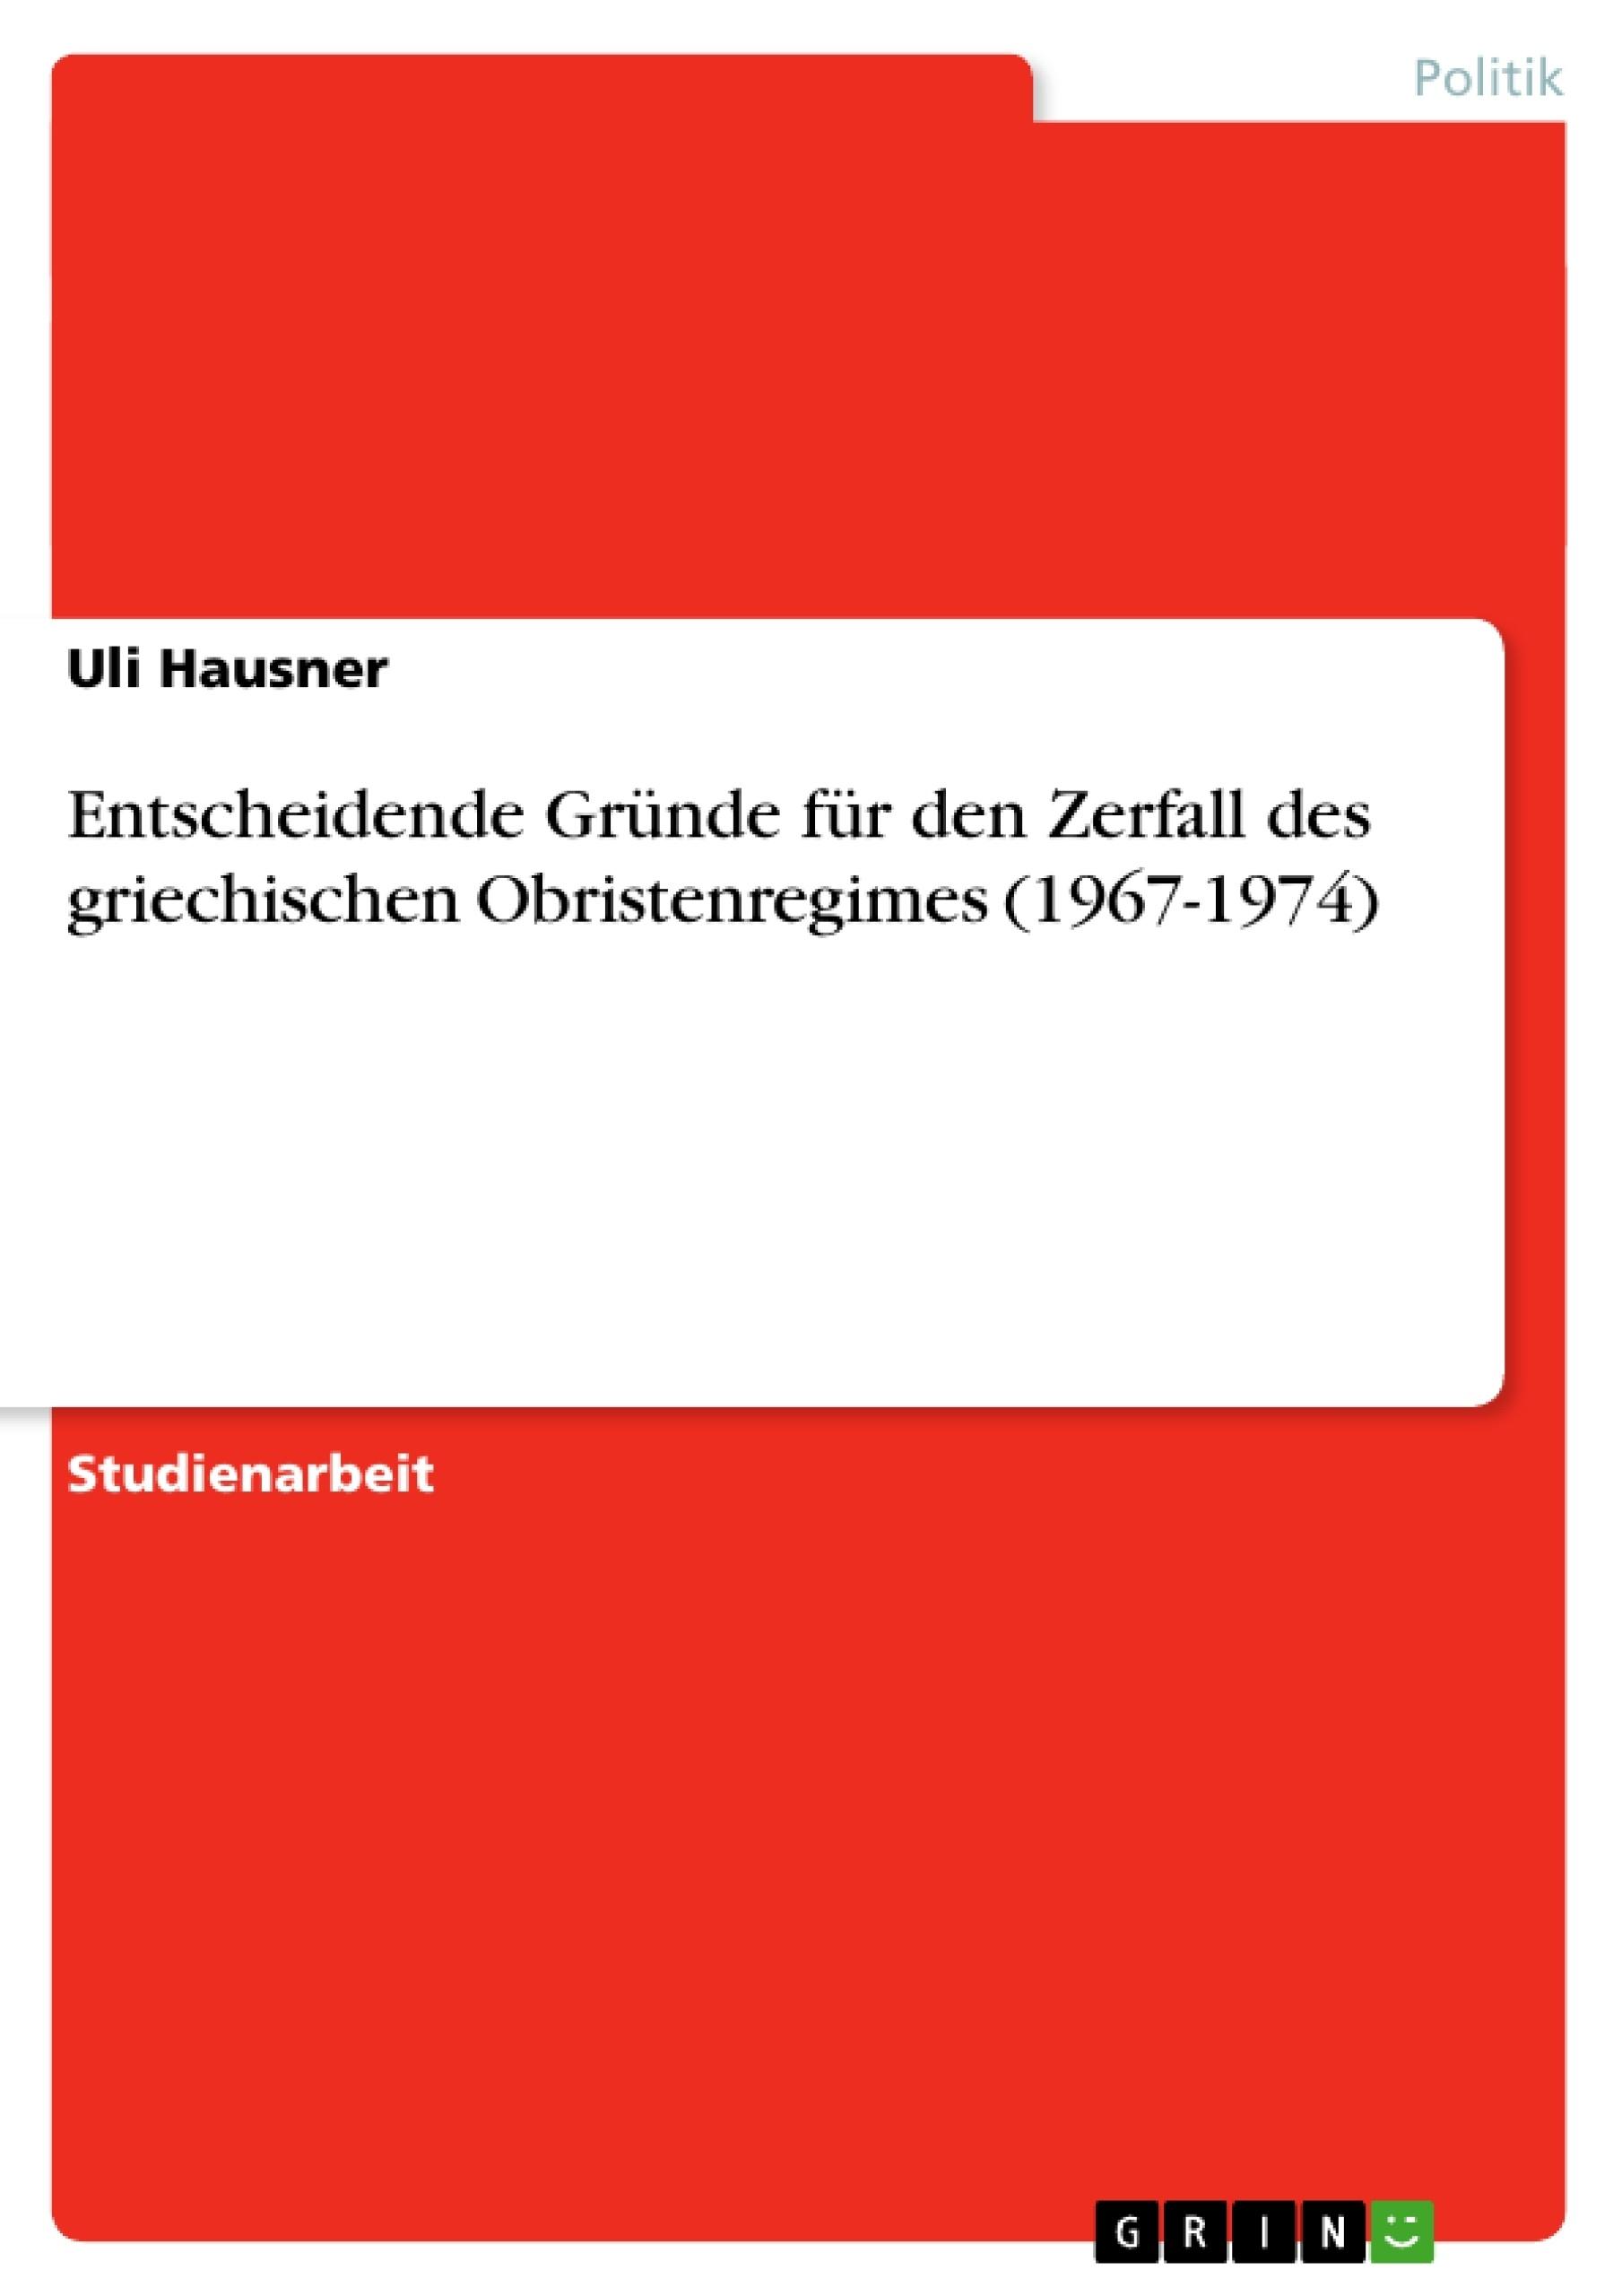 Titel: Entscheidende Gründe für den Zerfall des griechischen Obristenregimes (1967-1974)